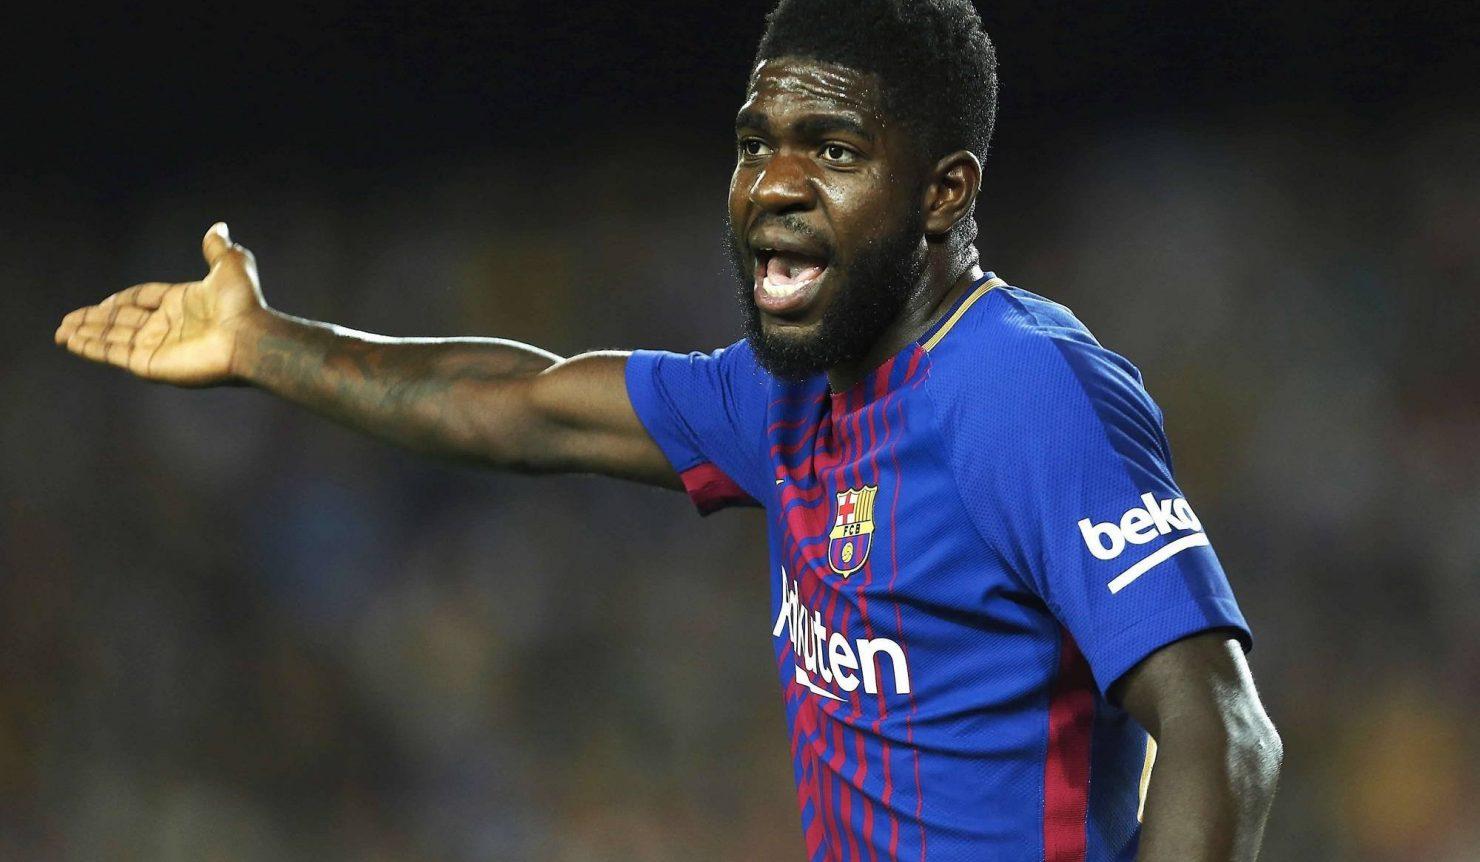 برشلونة يعلن تعرض مدافعه أومتيتي للأصابة وغيابه في المباريات القادمة